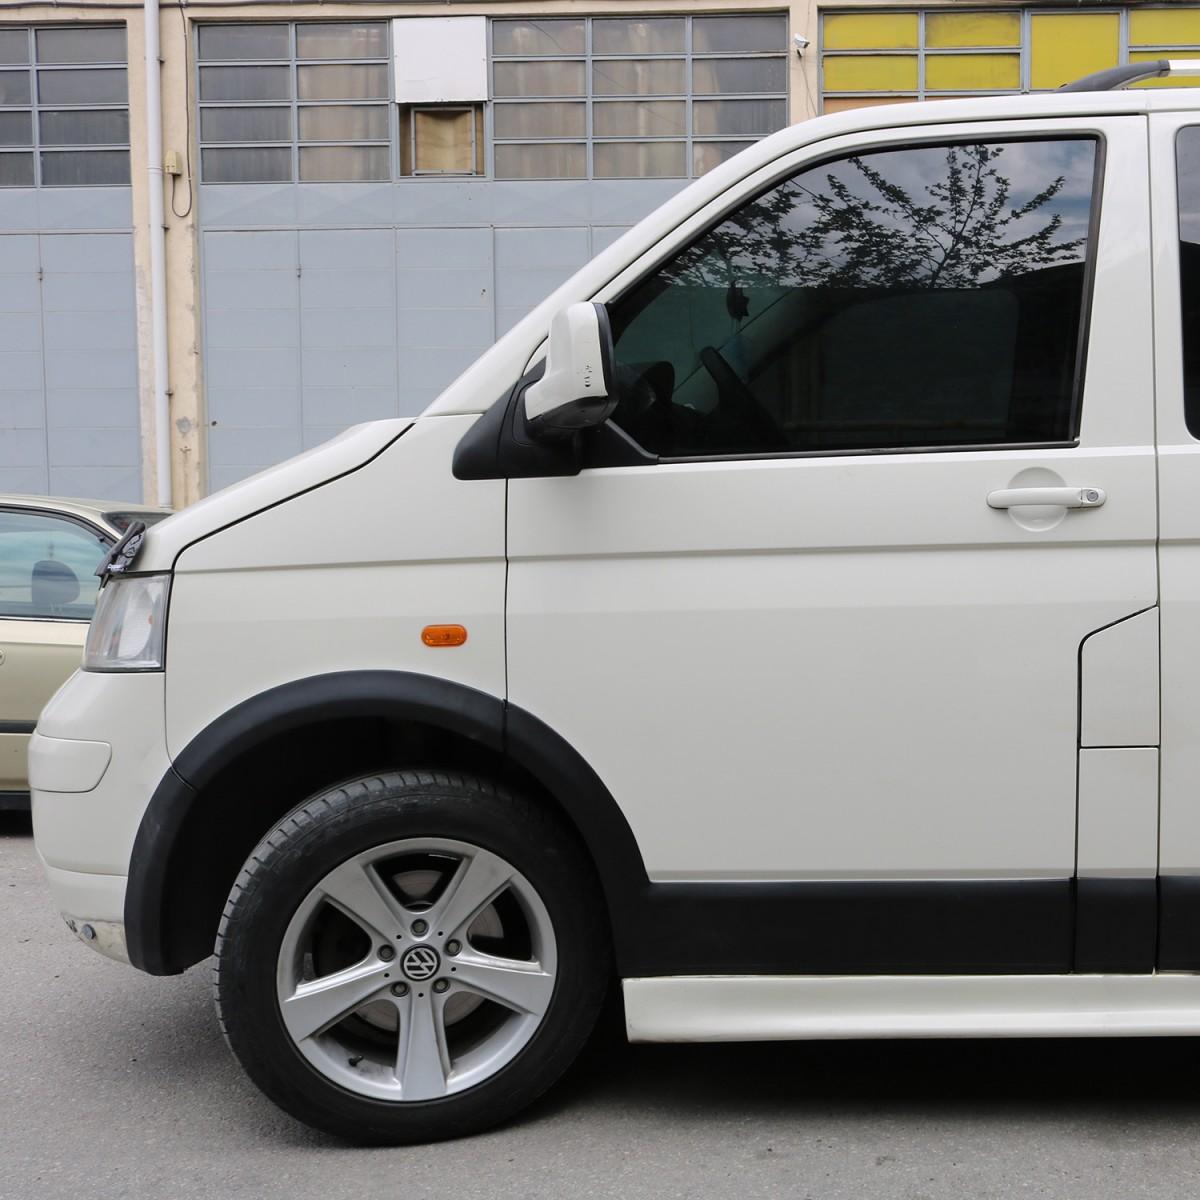 Volkswagen Transporter T5 Kısa Şasi / 2003 - 2009 / Çamurluk ve  Kapı Dodikleri Set / 11 Parça / Çift Sürgü